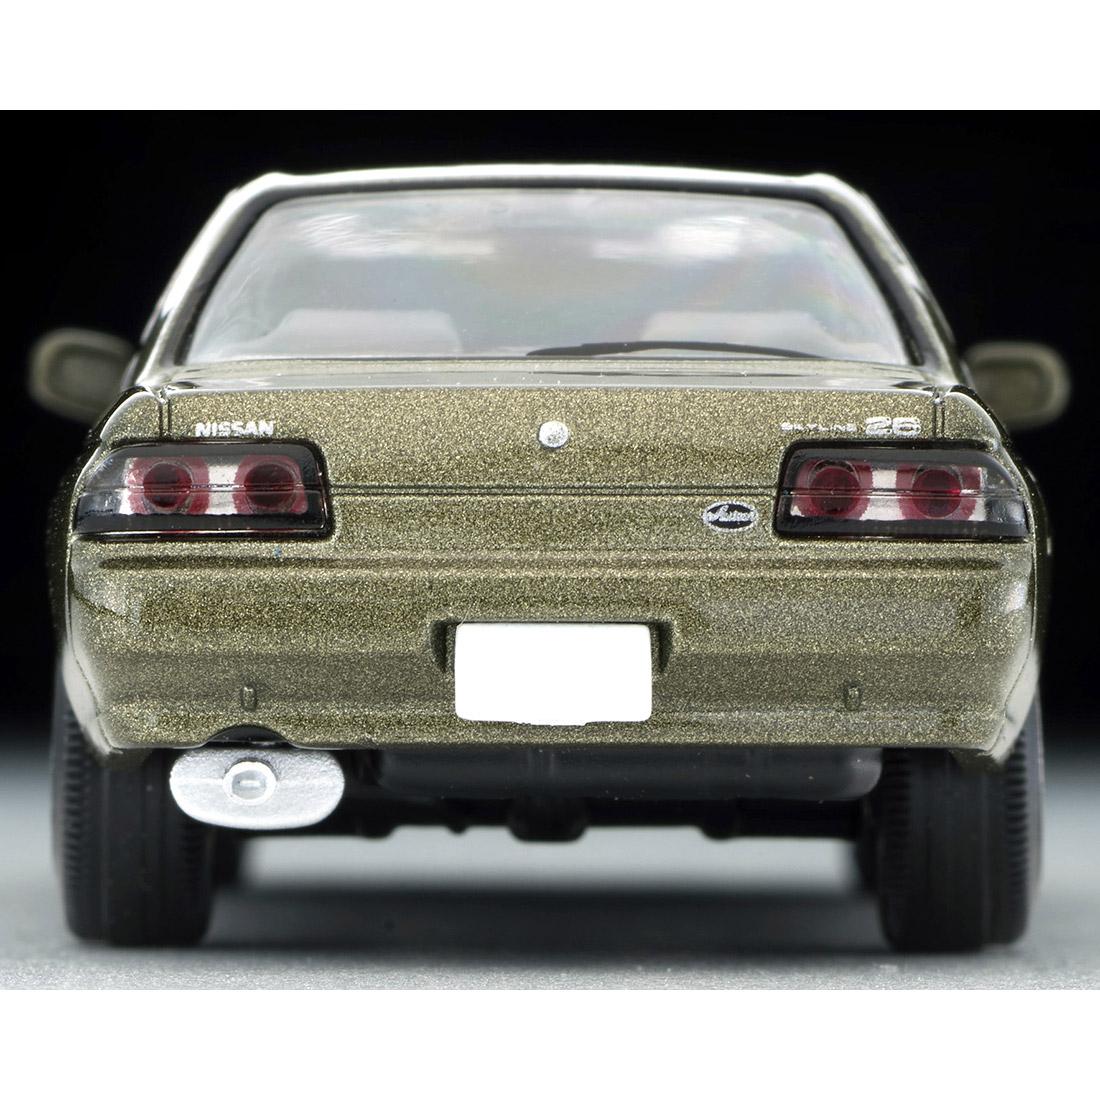 トミカリミテッド ヴィンテージ ネオ TLV-NEO『LV-N213a スカイライン オーテックバージョン』ミニカー-005